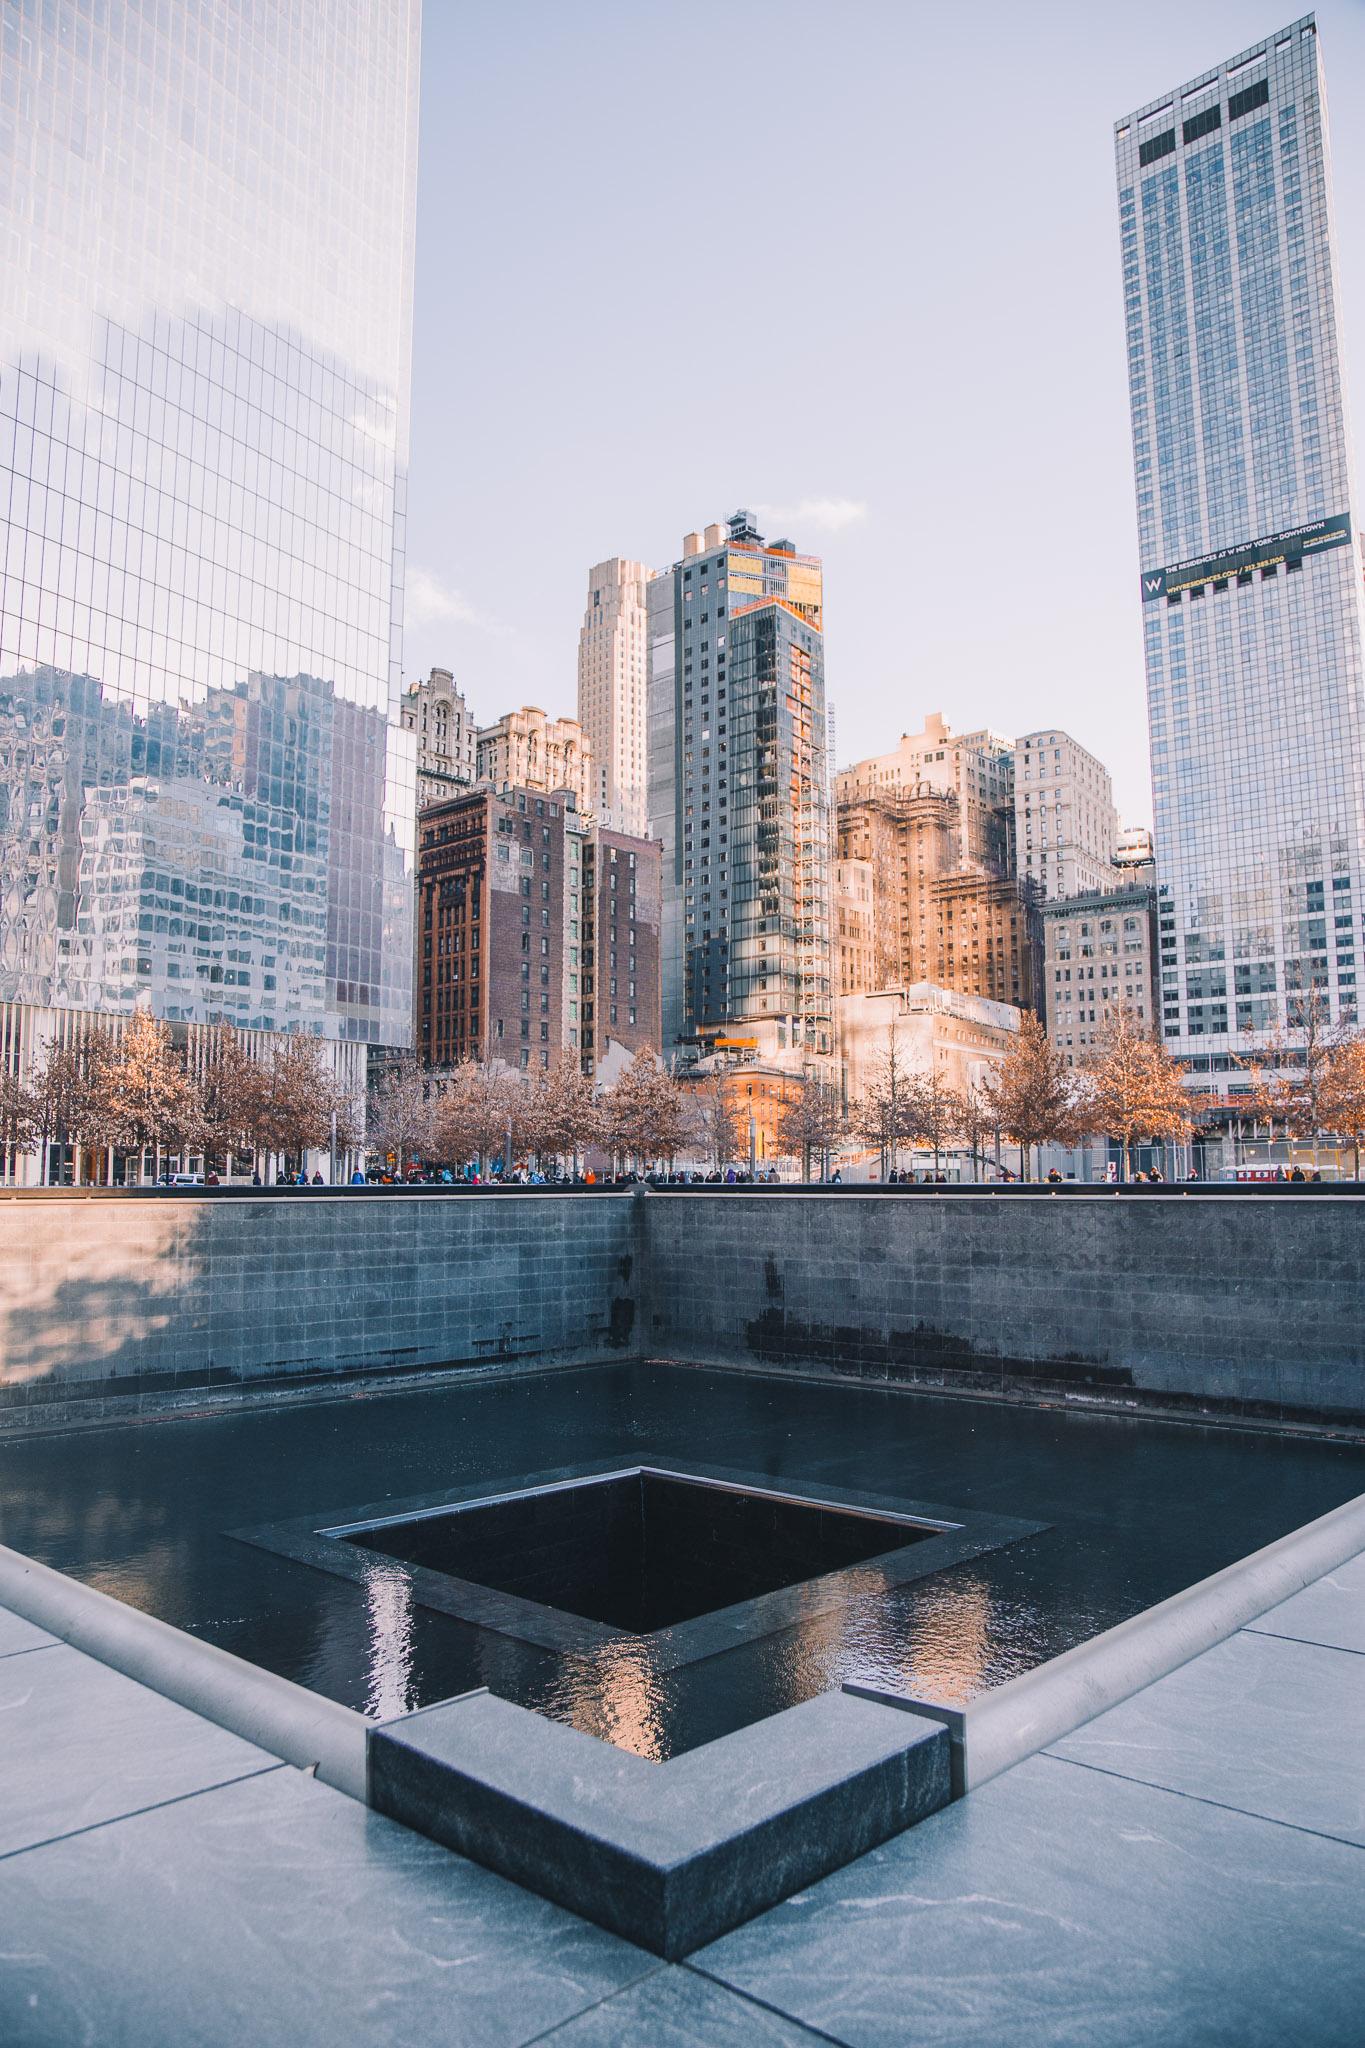 america-new-york-city-911-memorial.jpg